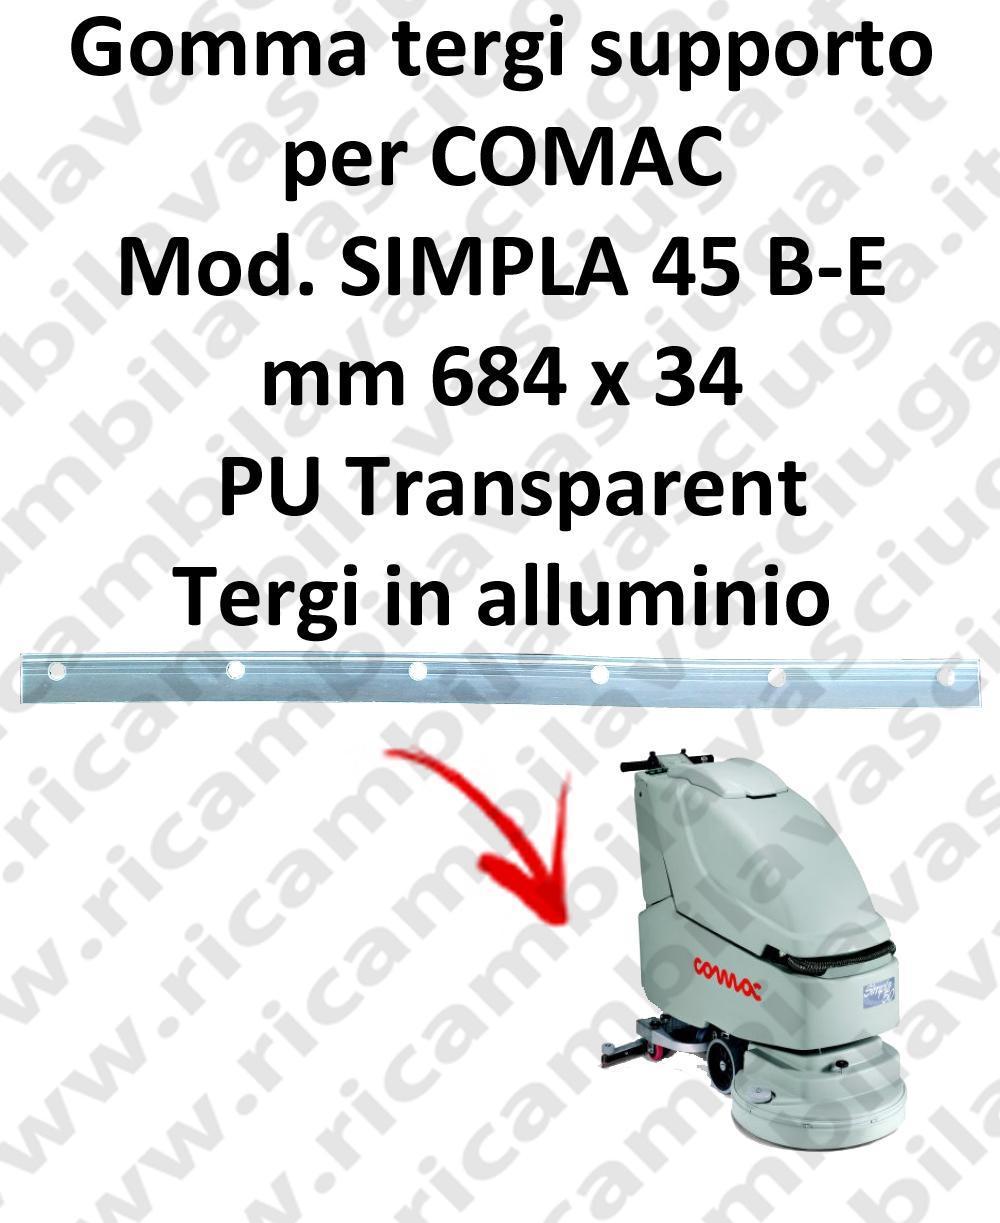 SIMPLA 45 B- et BAVETTE soutien pour COMAC rechange autolaveuses suceur